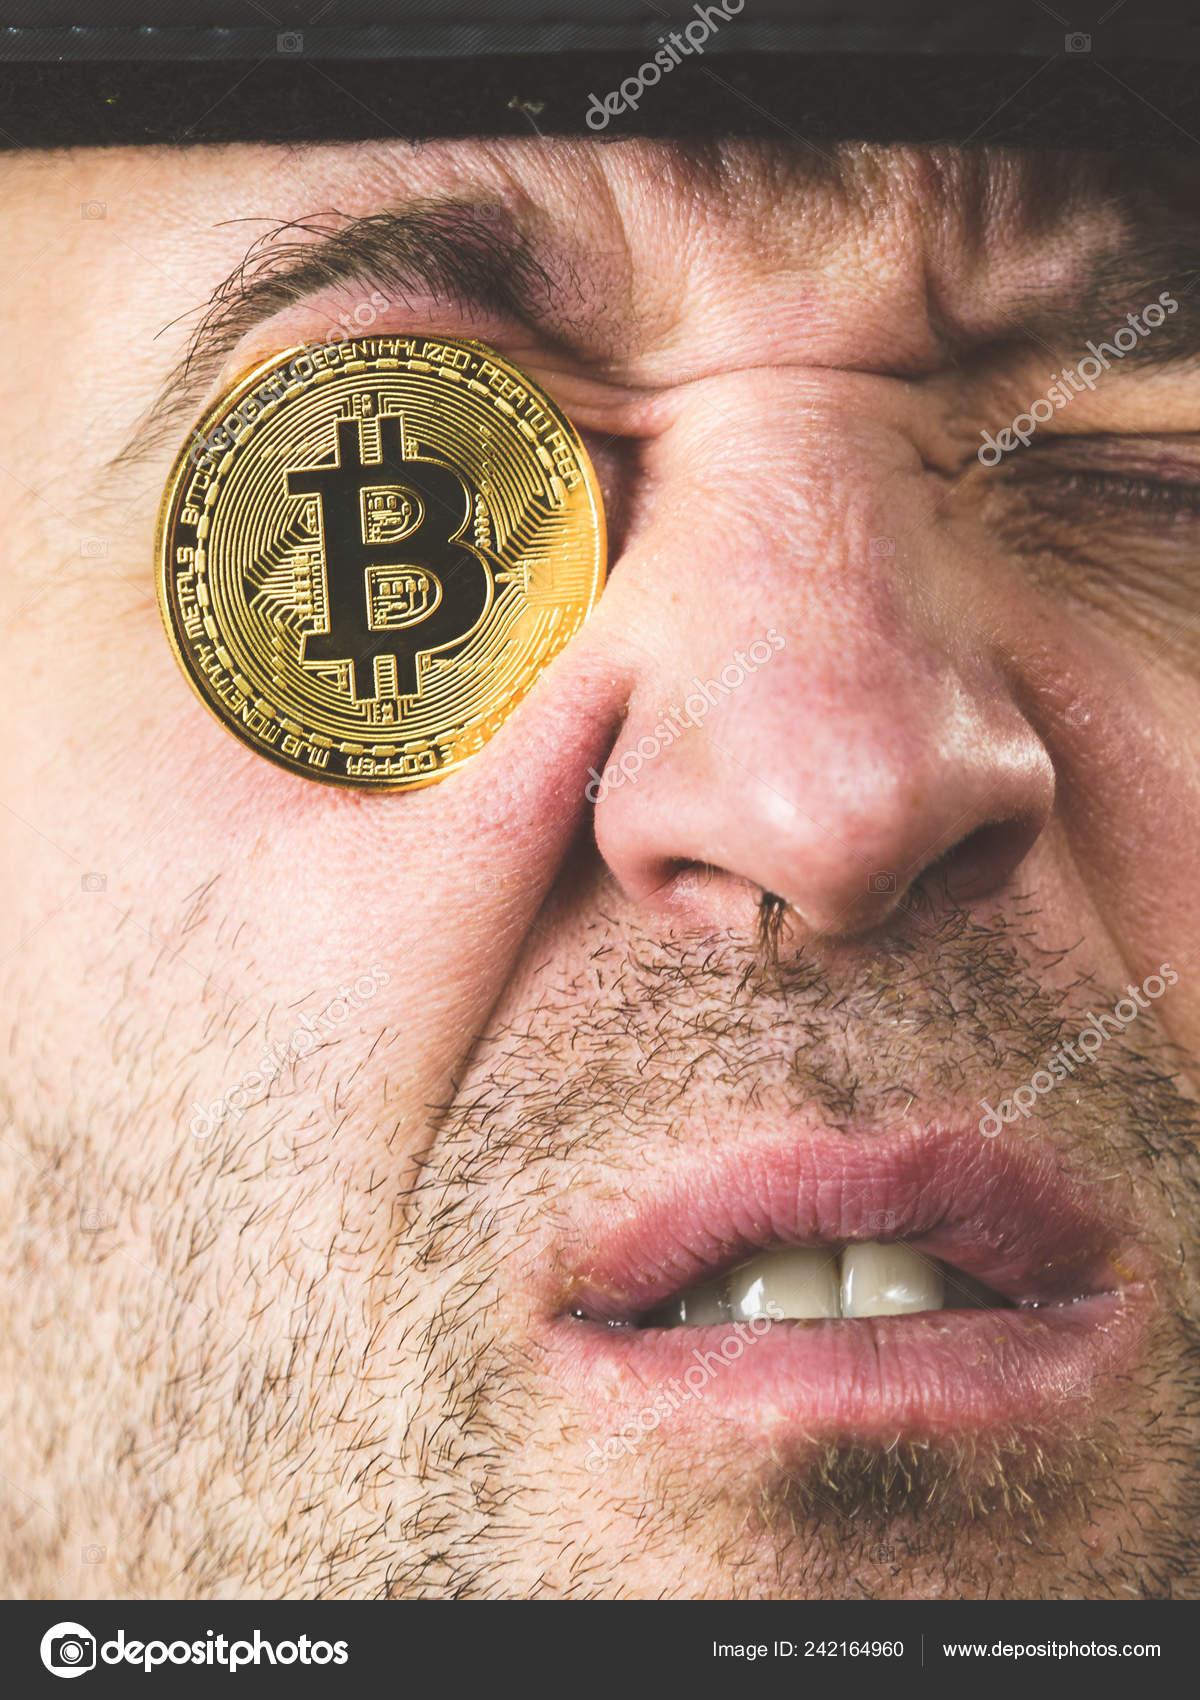 Így néz ki a világ összes pénze és a Bitcoin egyetlen ábrán